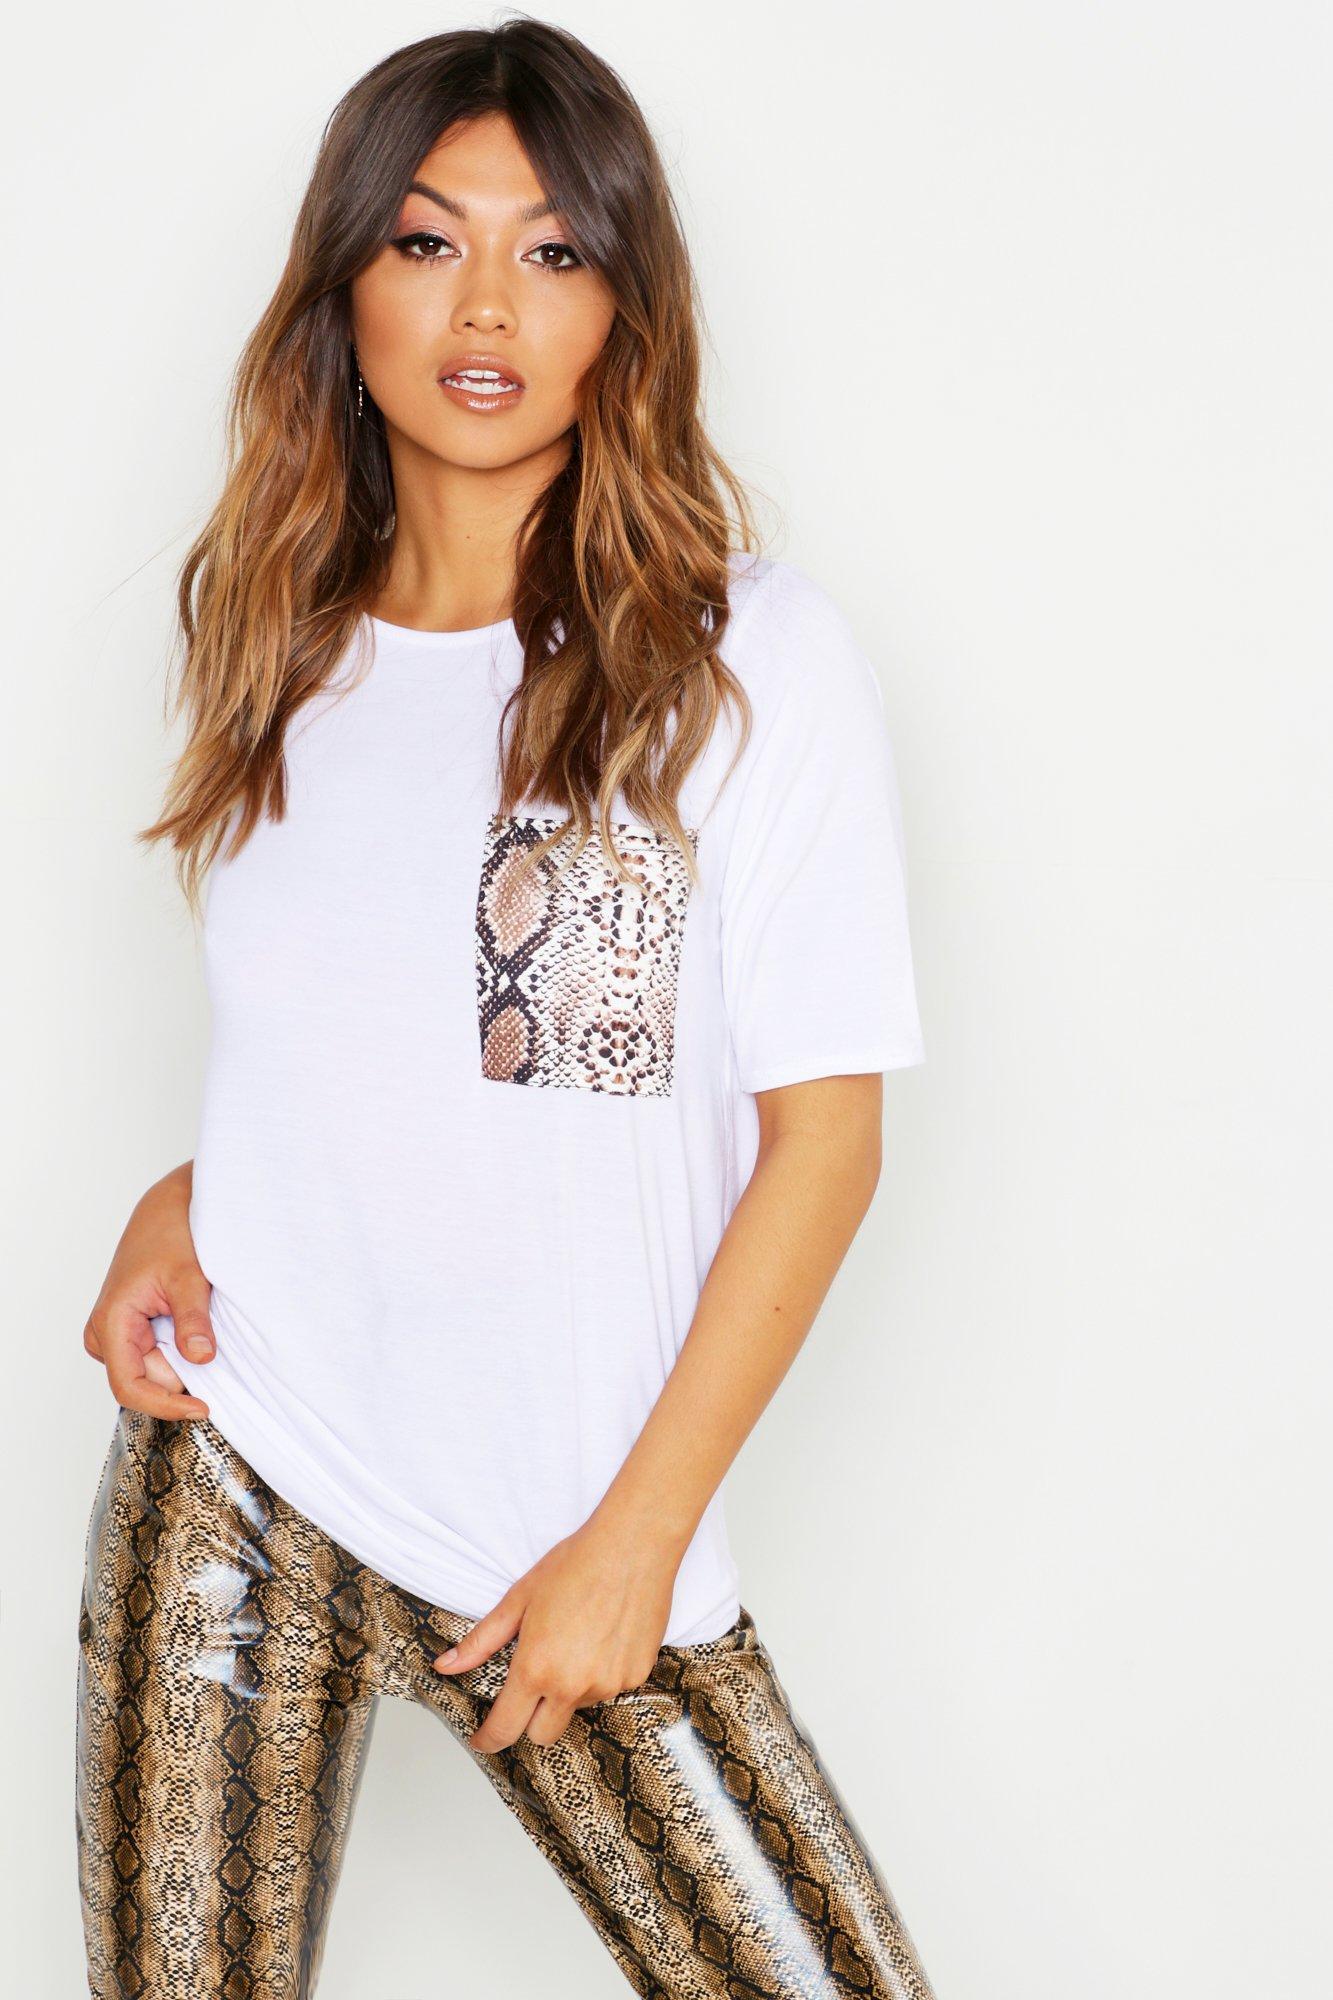 Womens T-Shirt mit Tasche in Schlangen-Print - Weiß - 36, Weiß - Boohoo.com